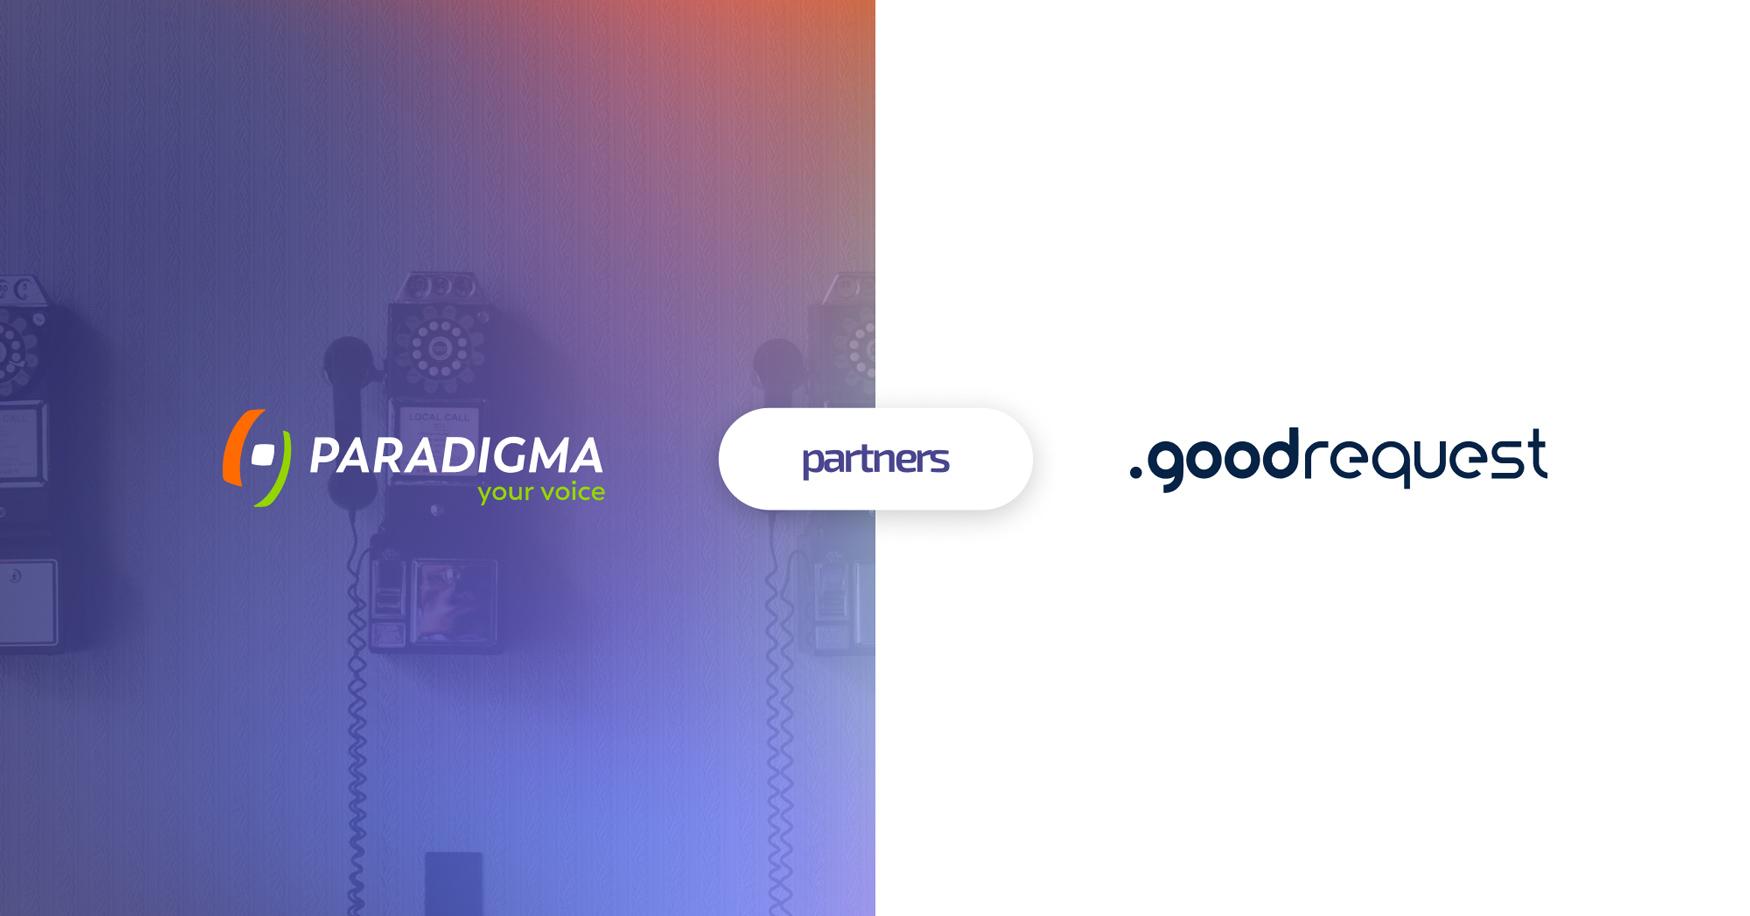 #grpartners: Paradigma - informačný systém pre lídra v oblasti komunikačných služieb